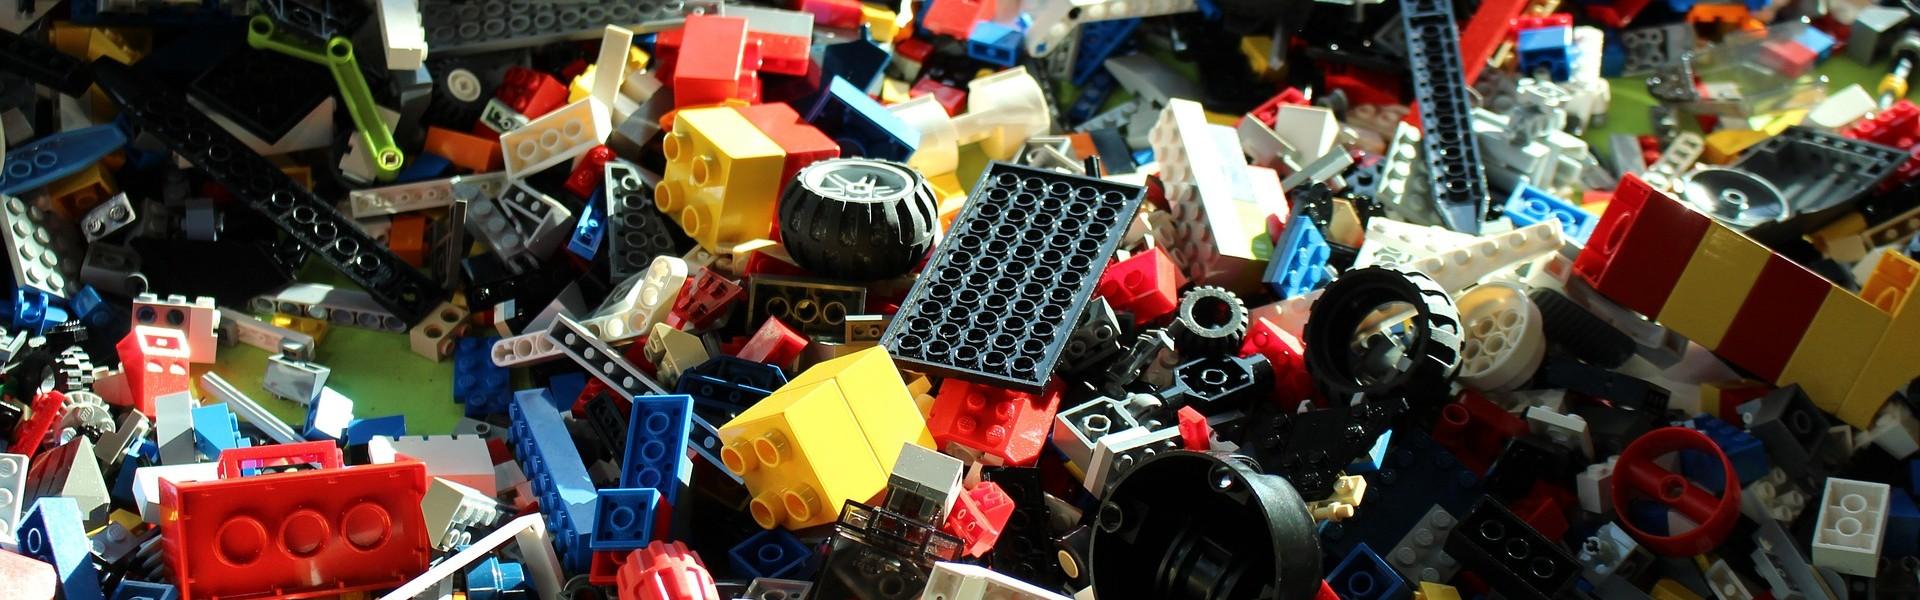 toys-648062_1920